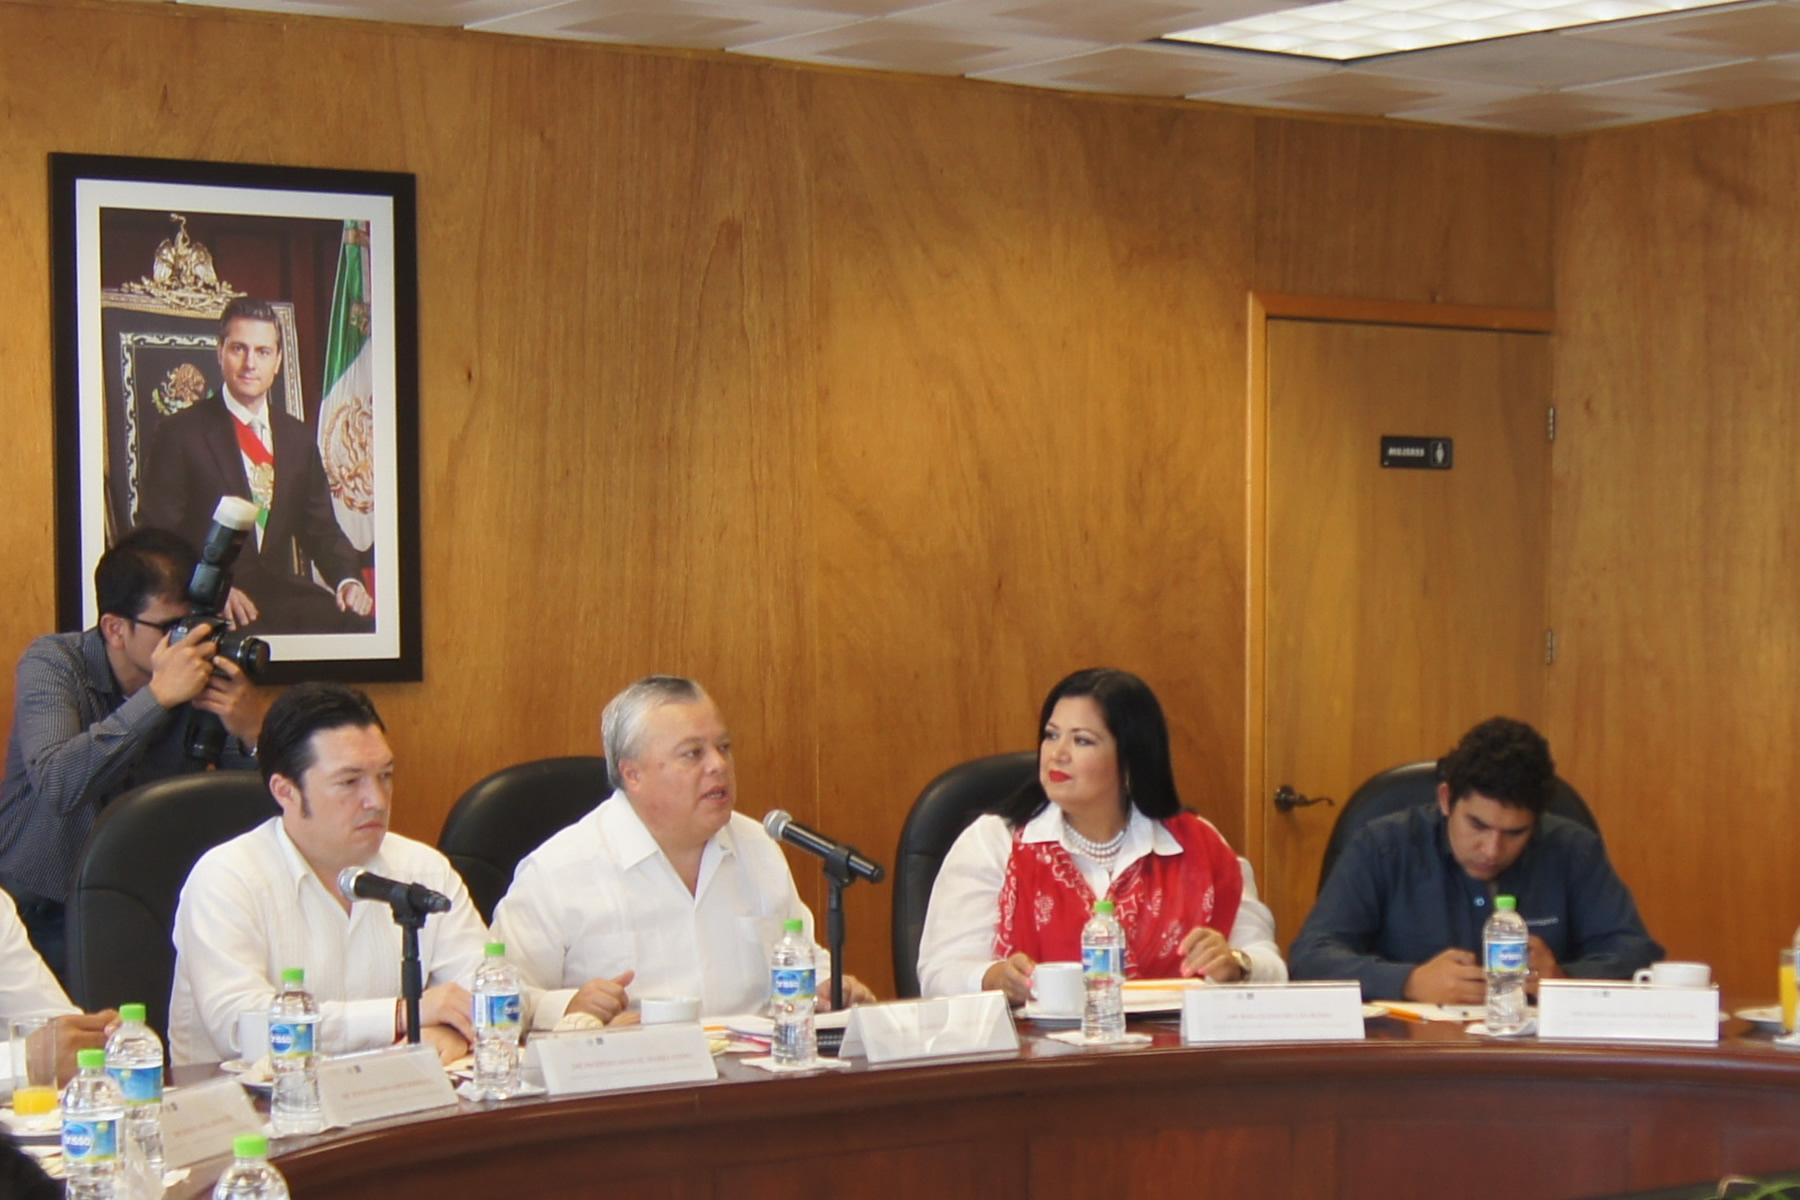 Necesario modernizar el marco legal de la actividad pesquera y acuícola nacional, coinciden legisladores y autoridades de CONAPESCA.